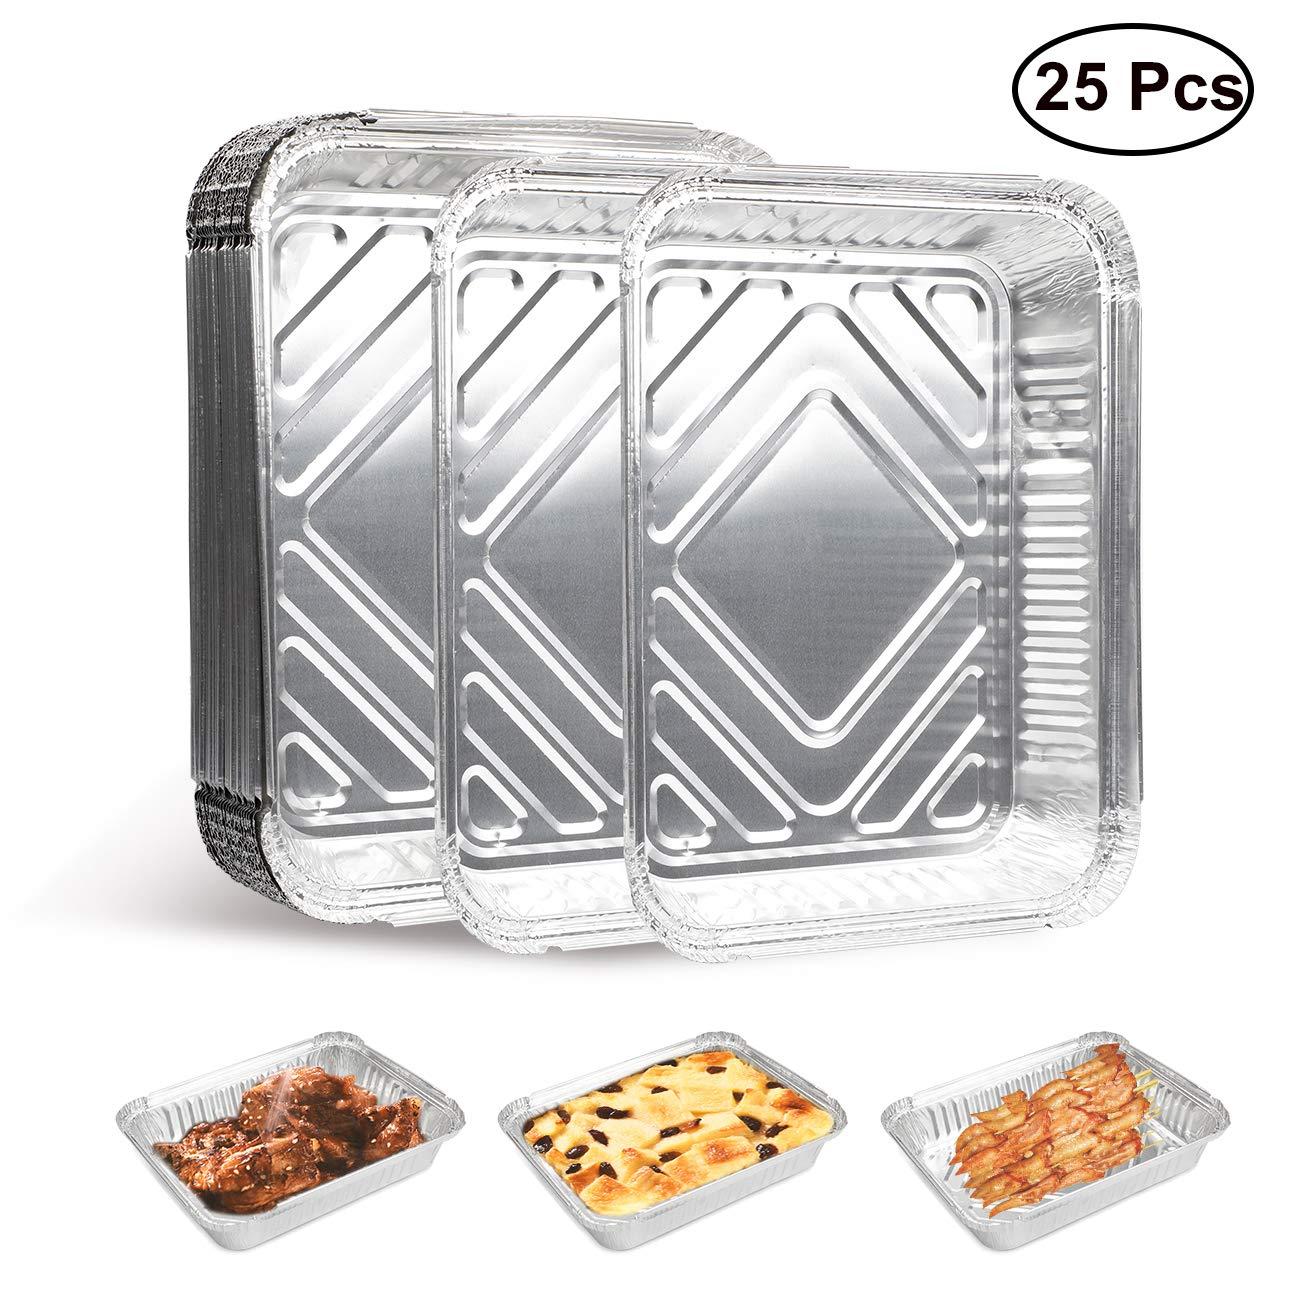 MojiDecor 25 Lot de 25 Bols à Barbecue en Aluminium Parfait pour Barbecue, pâtisserie, pâtisserie et Conservation de Nourriture 23 x 18 x 4,5 cm